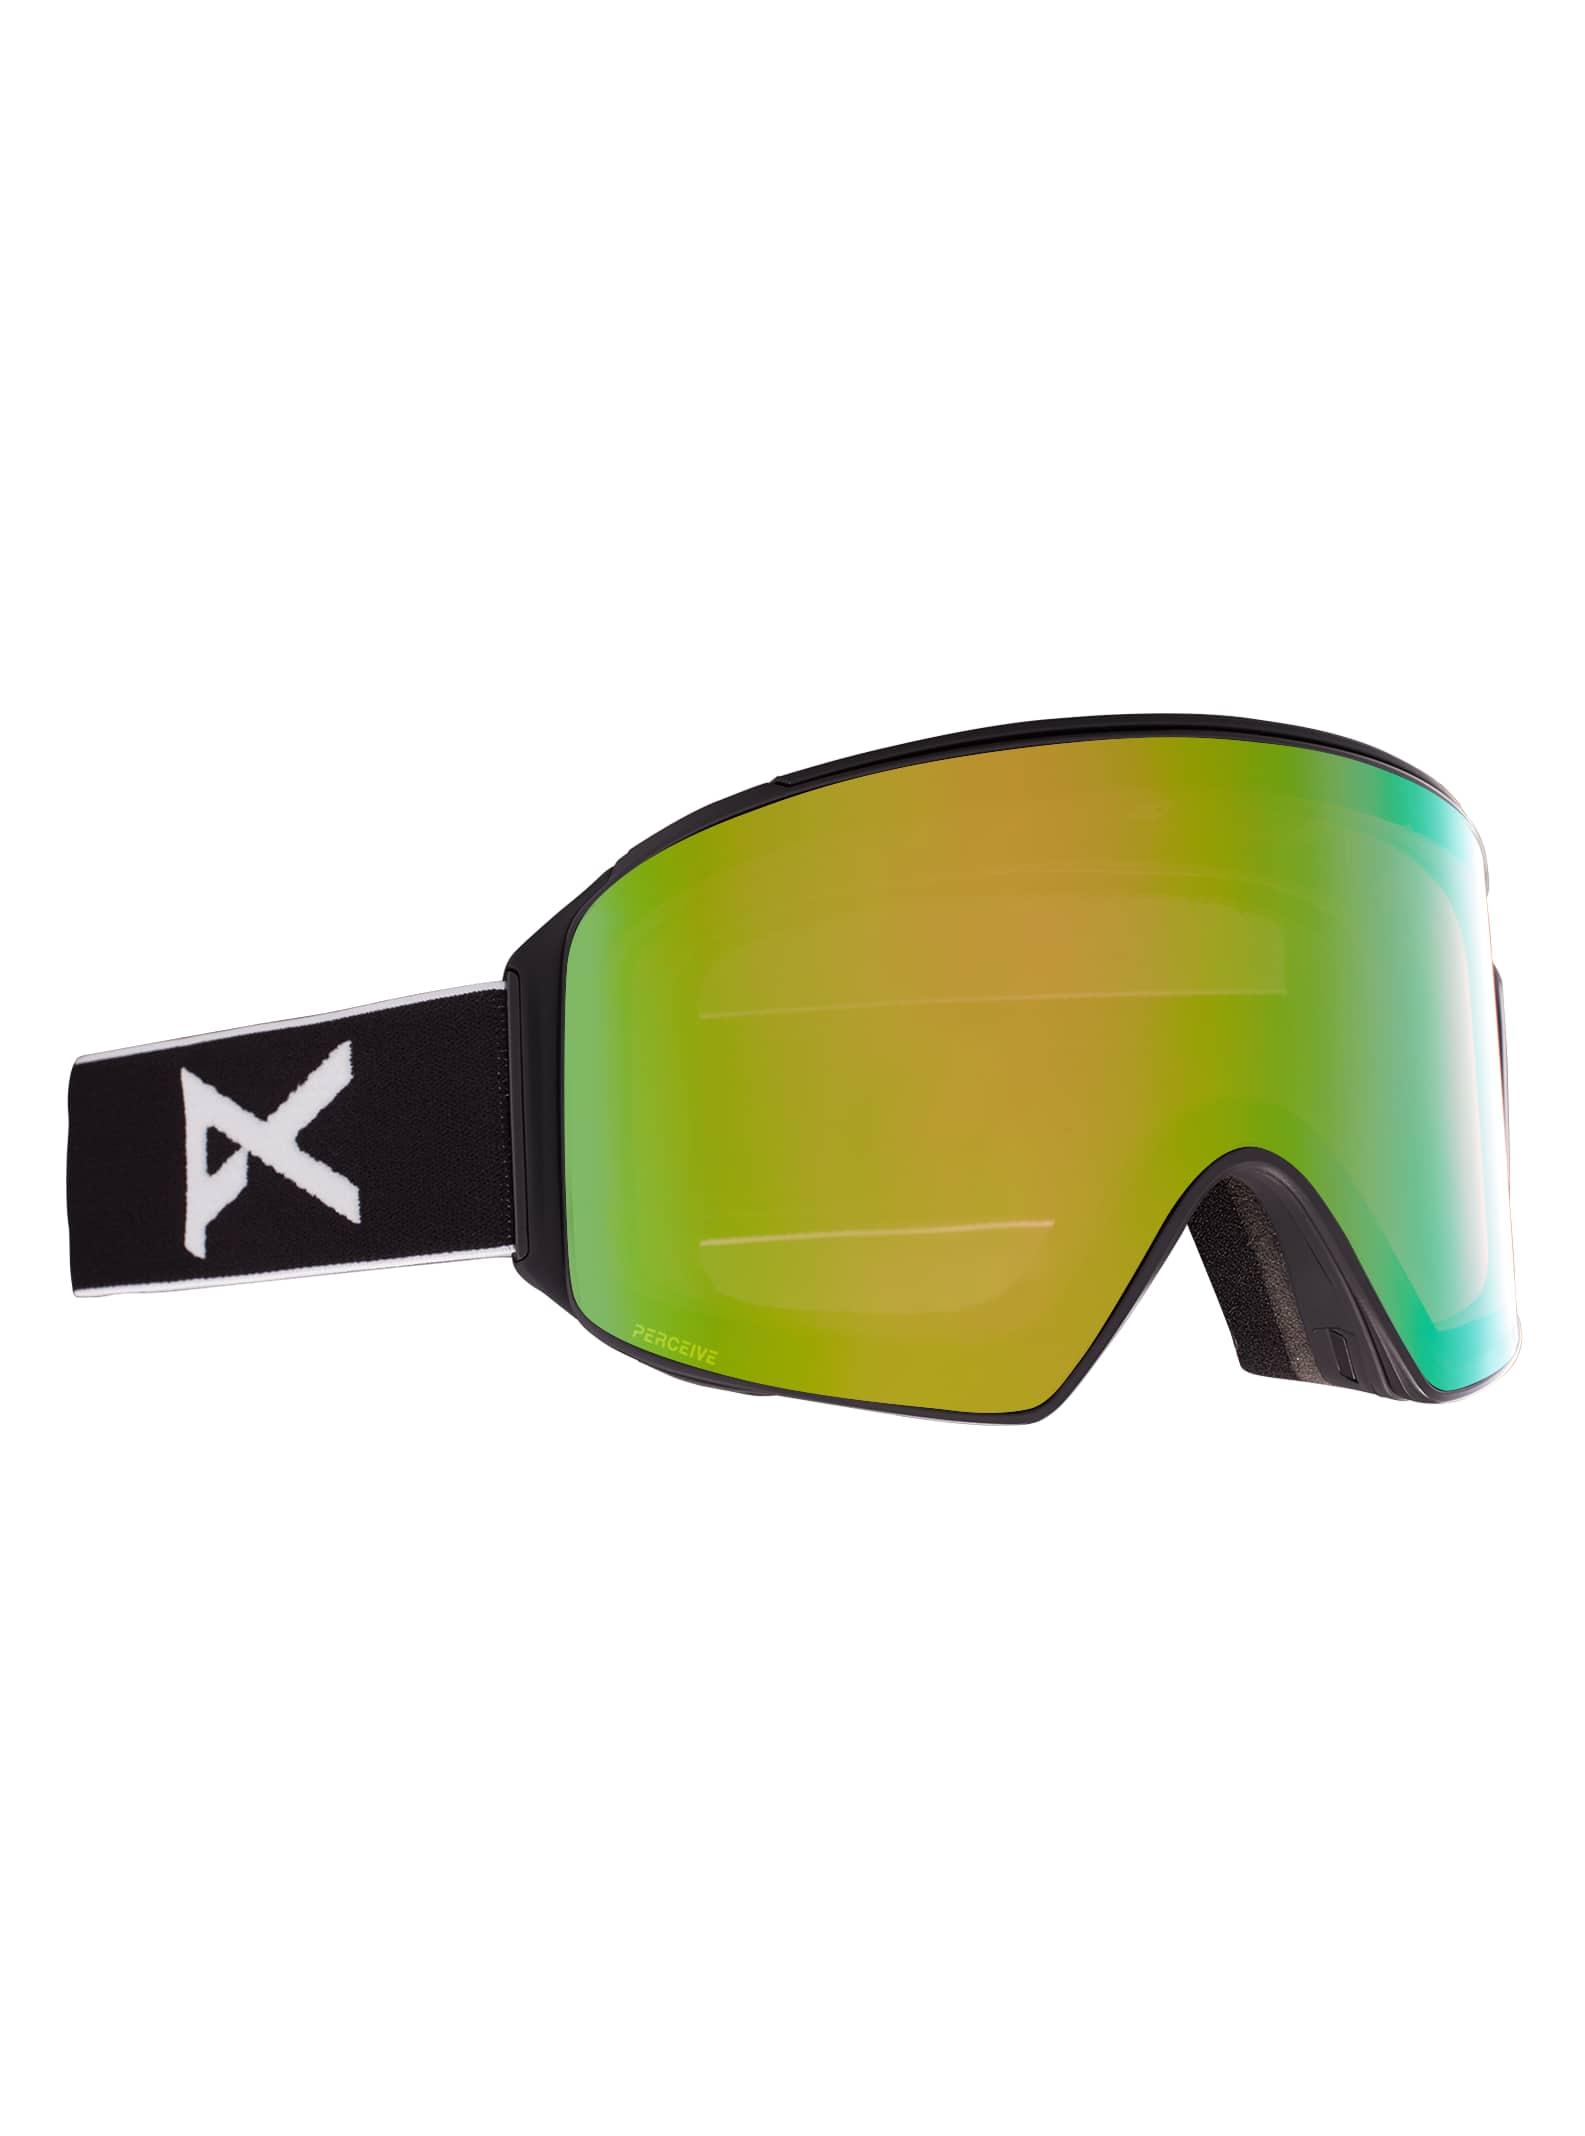 Anon M4 cylyndriska/toriska skidglasögon + reservlins + MFI® ansiktsskydd för herrar